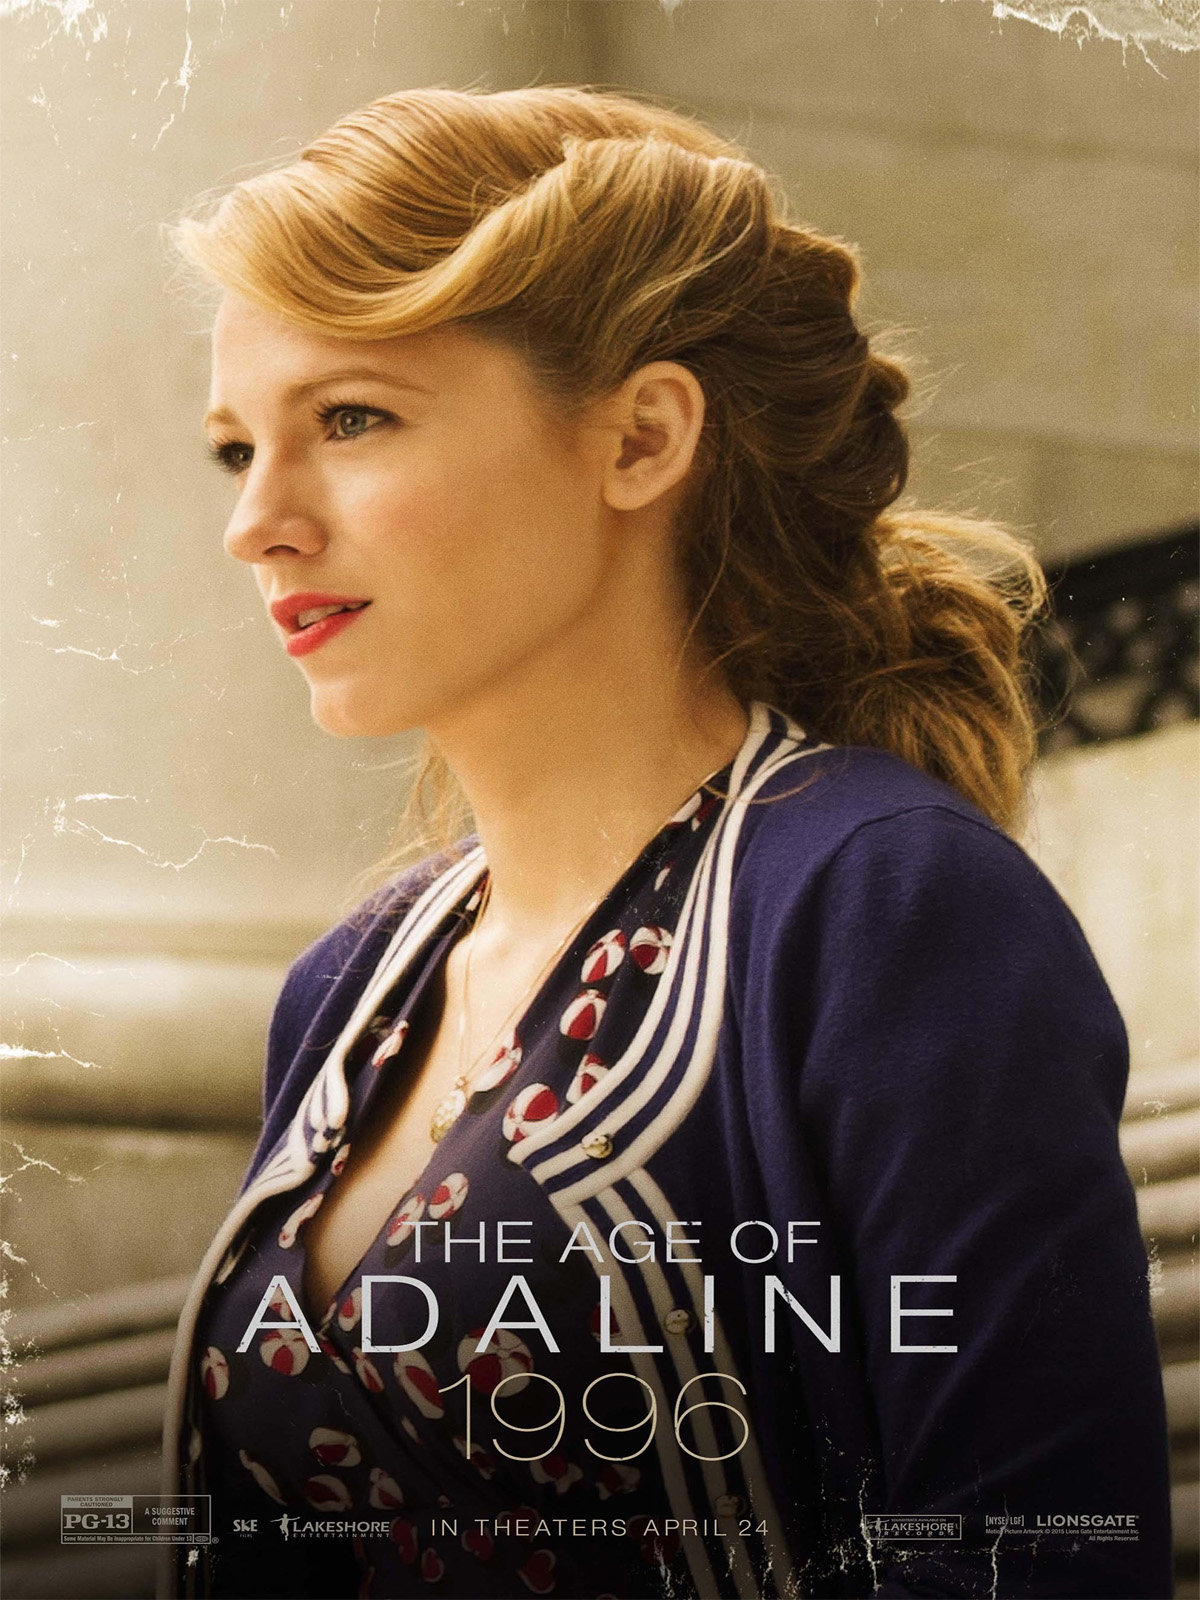 Adaline Film